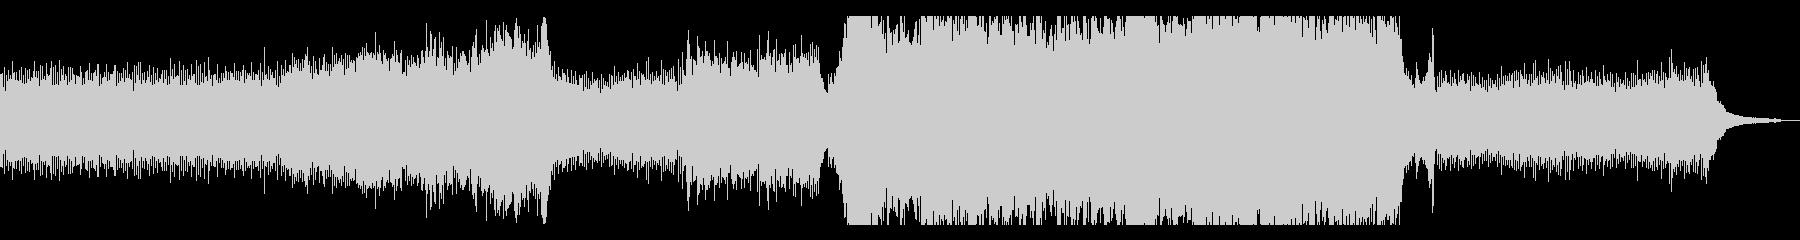 シネマティック・エモーショナルなピアノの未再生の波形